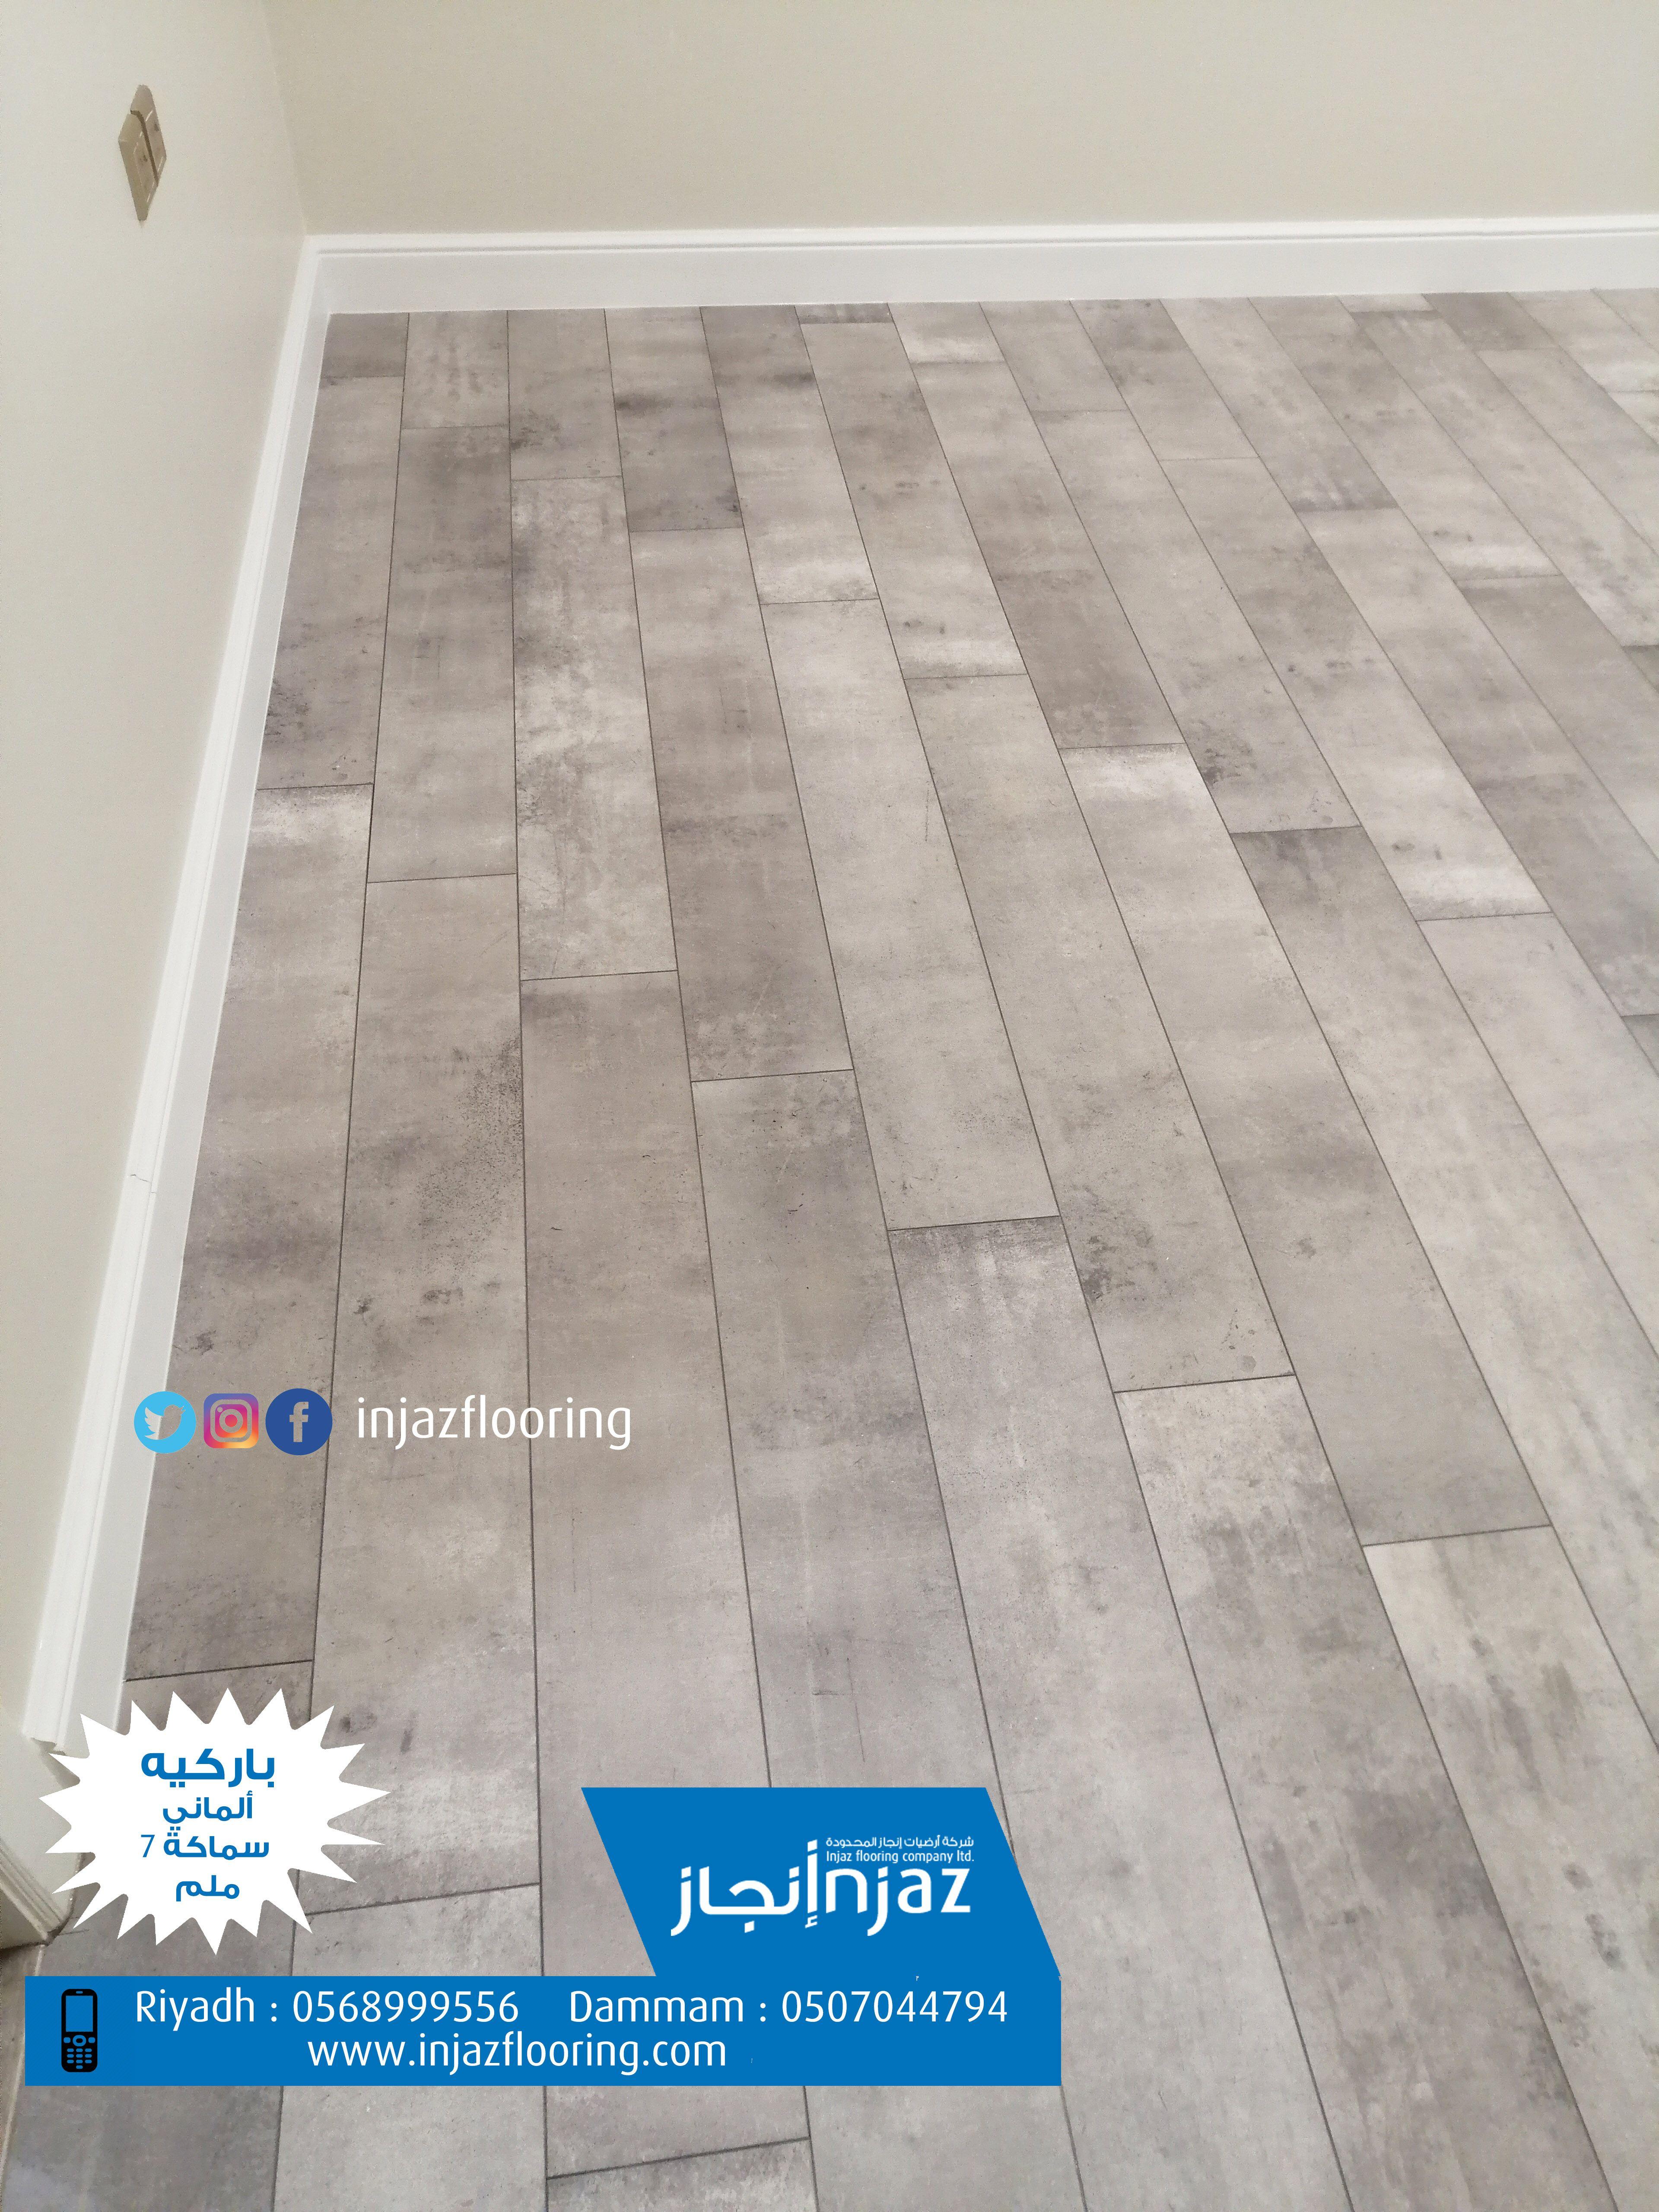 باركيه الماني Wood Laminate Flooring Laminate Flooring Flooring